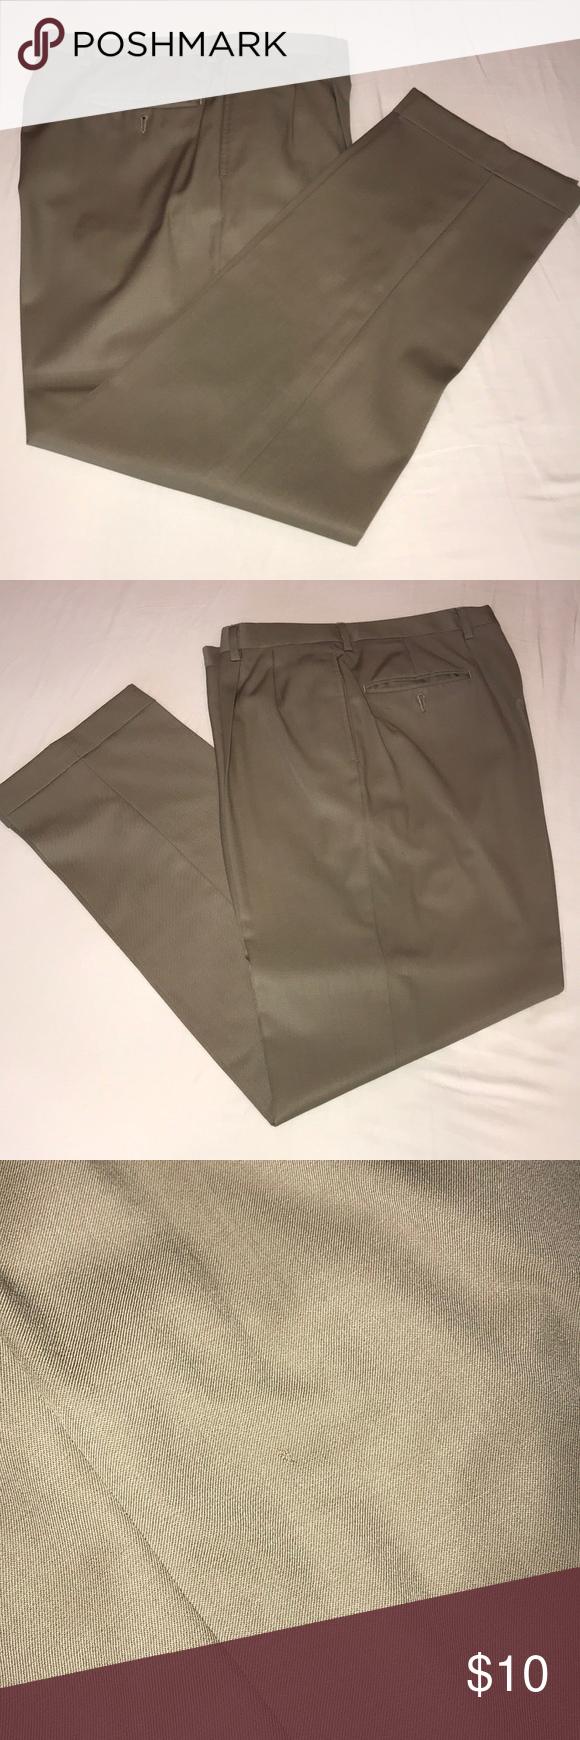 Austin Reed Men S Dress Pants Size 36x32 Dress Pants Austin Reed Mens Dress Pants